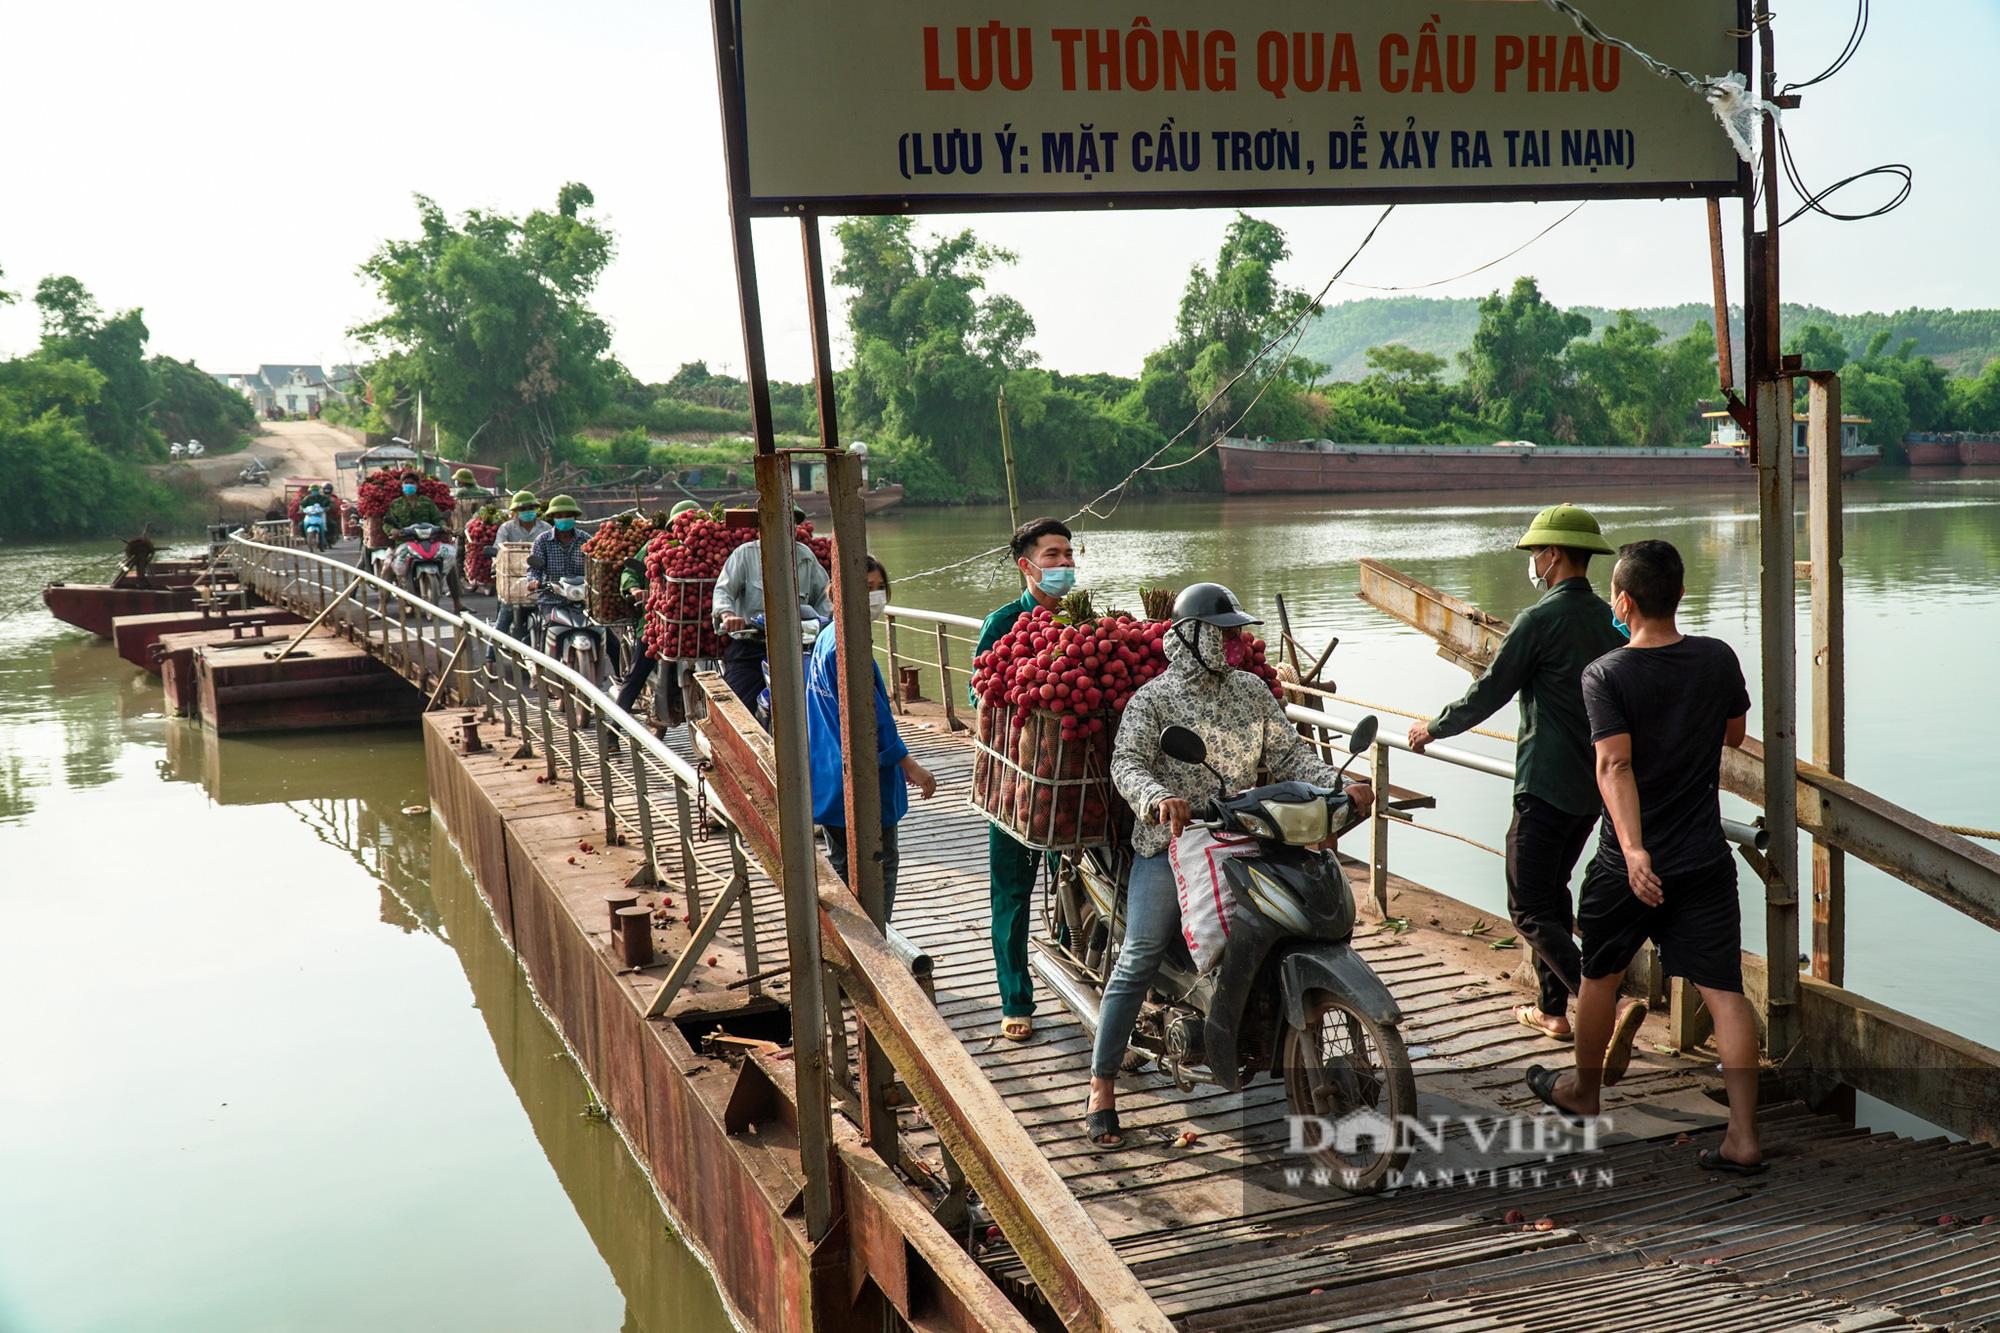 """Người dân """"vồ ếch"""", ngã xuống cầu khi chở vải đi qua cây cầu """"tử thần"""" ở Bắc Giang - Ảnh 4."""